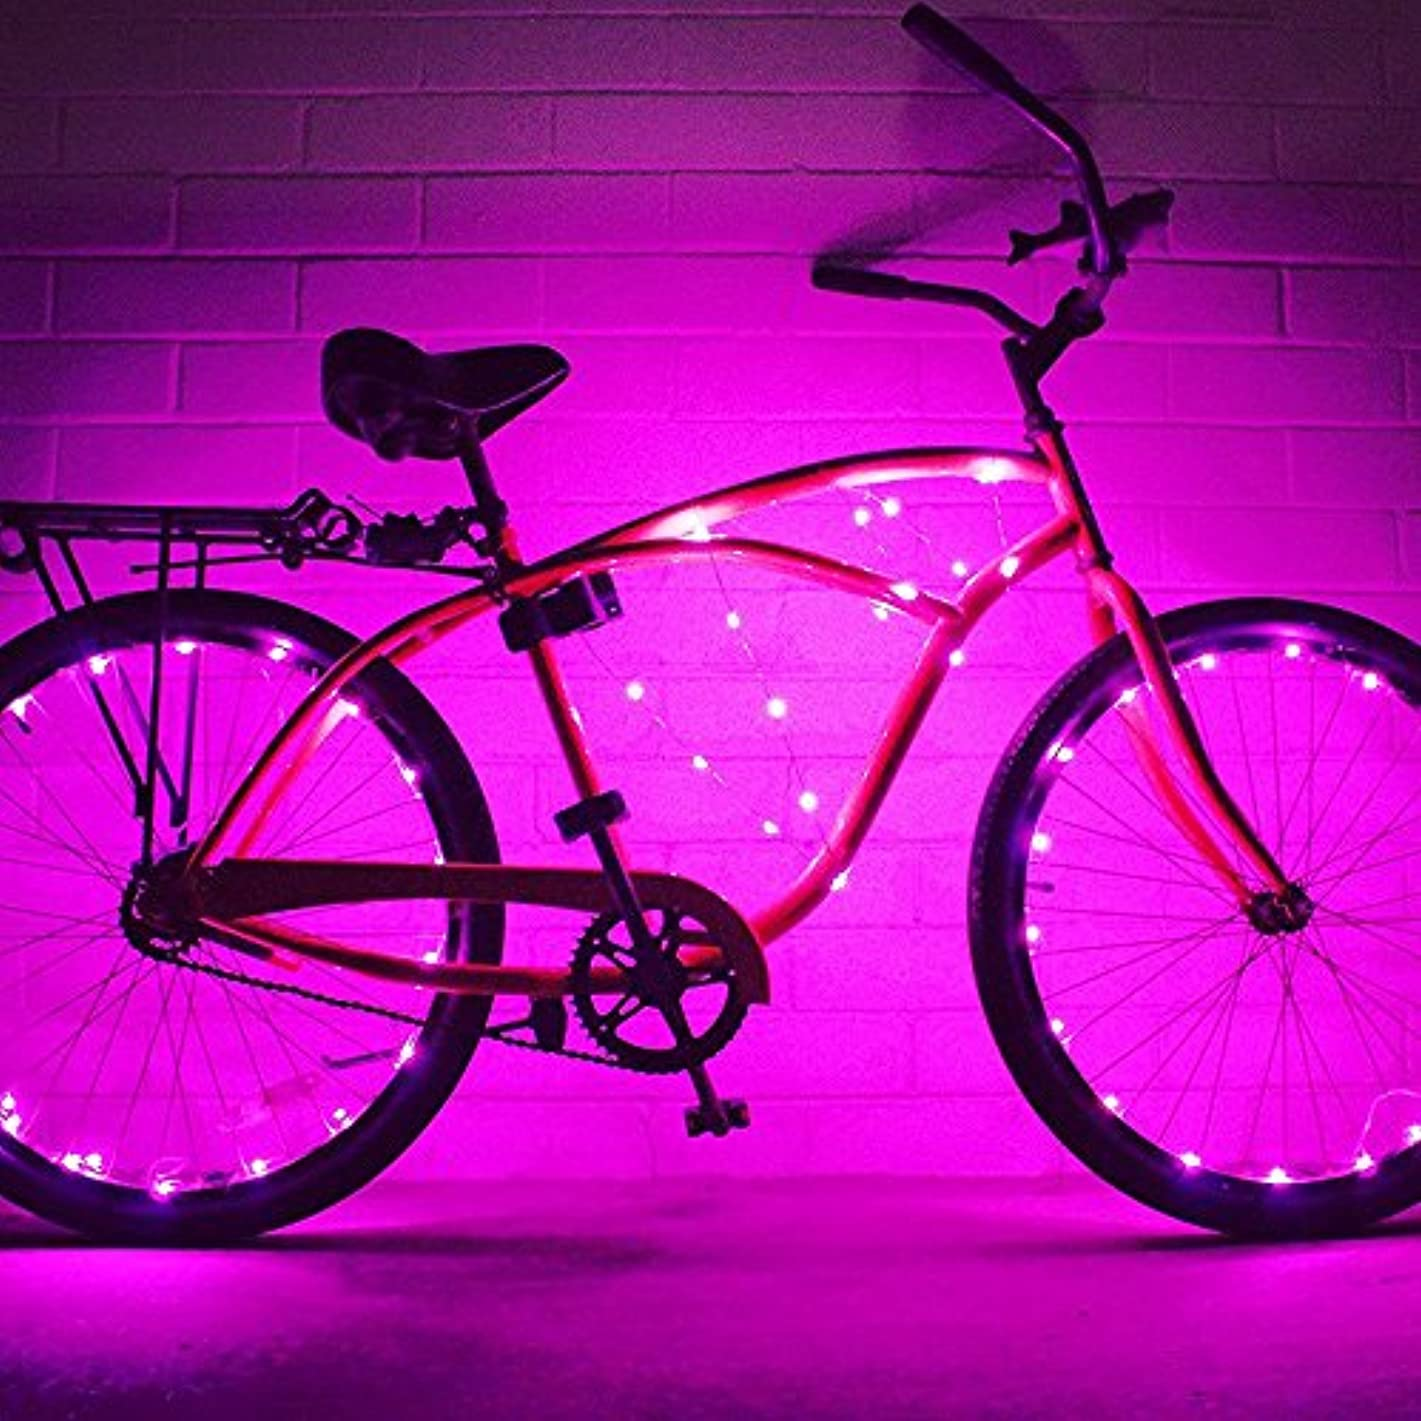 散髪角度アクセスWELSUN ピンクの自転車ホイールライト防水自転車ライトの長さ2m 20夜間サイクリングスポークアクセサリーのための安全なランプを導いた